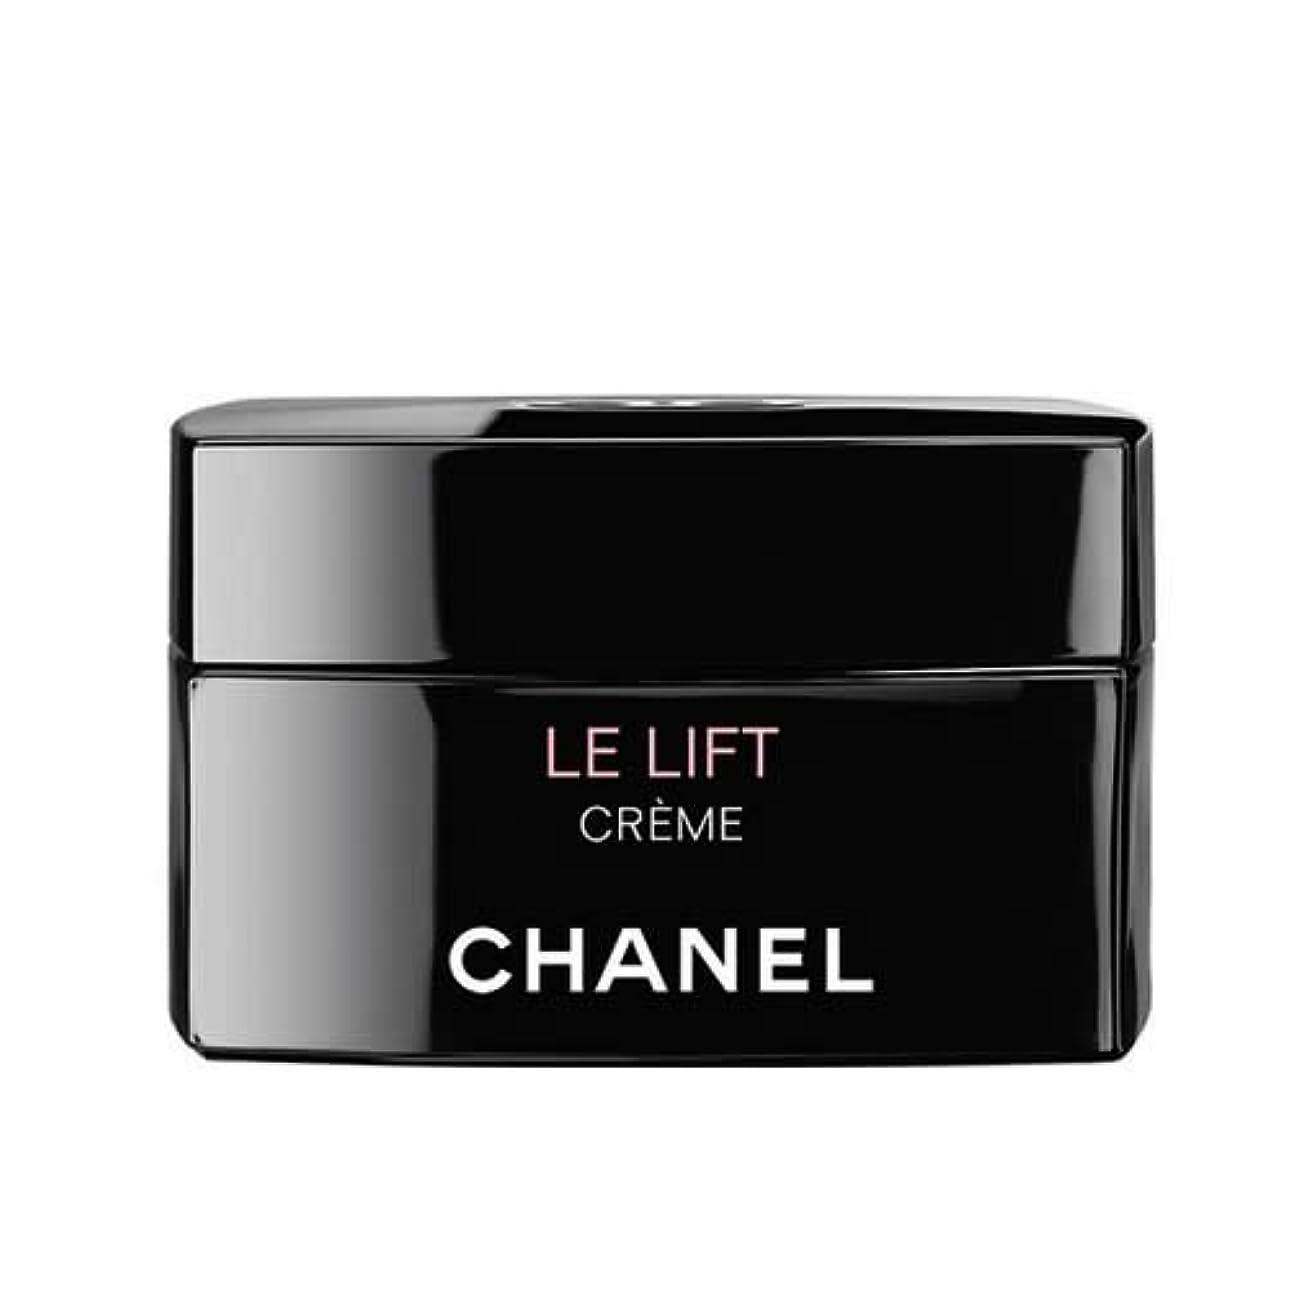 口径ターゲット微弱シャネル(CHANEL) LE L クレーム 50g (クリーム) [並行輸入品]